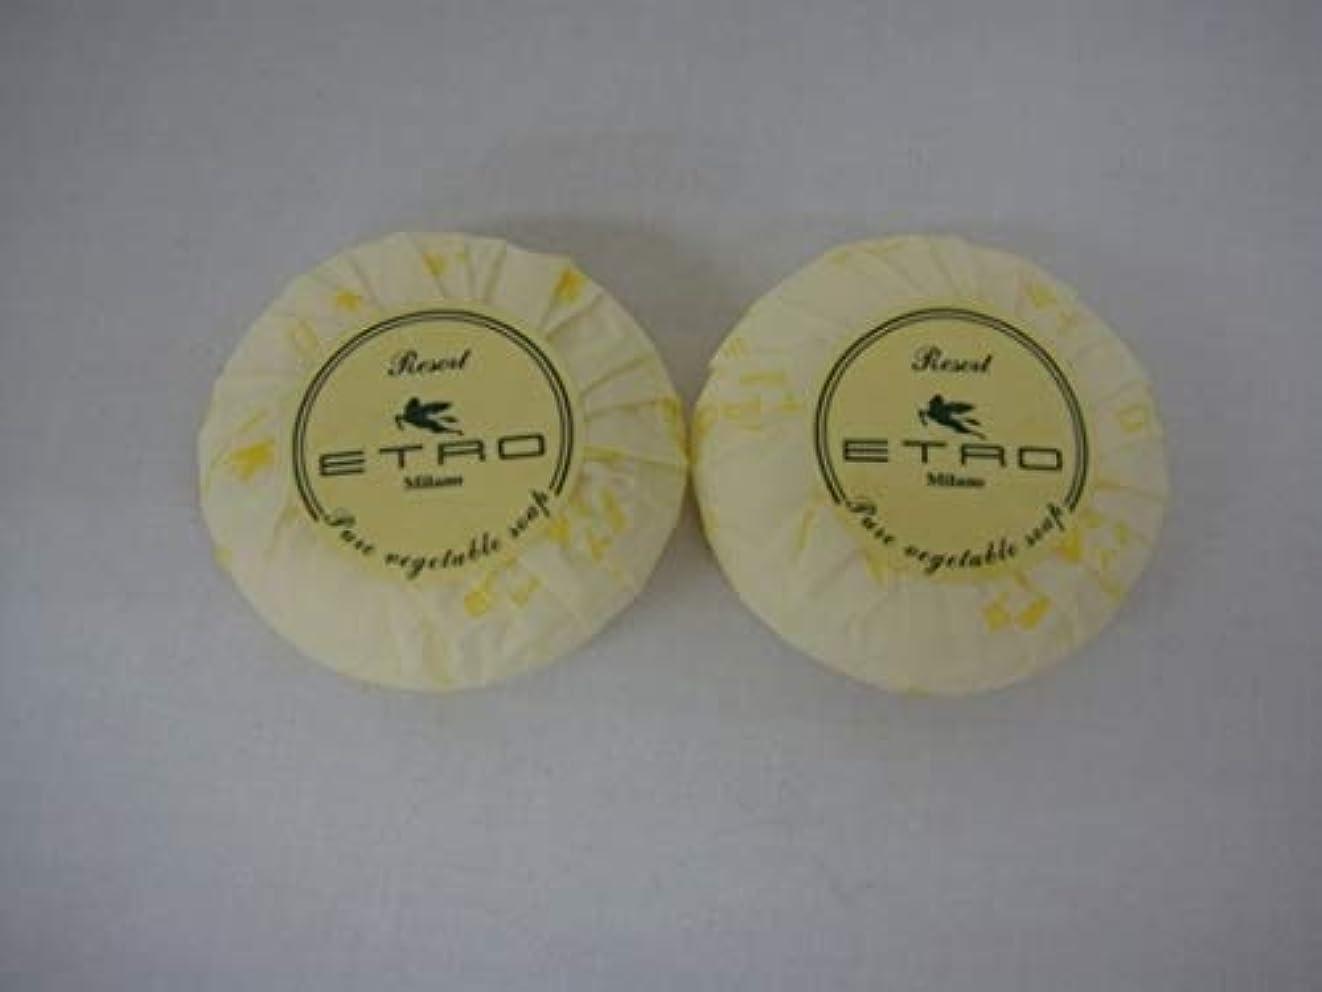 祈る進化する非難する【X2個セット】ETRO エトロ ピュアベジタブルソープ 石鹸40g×2個 (合計4個)